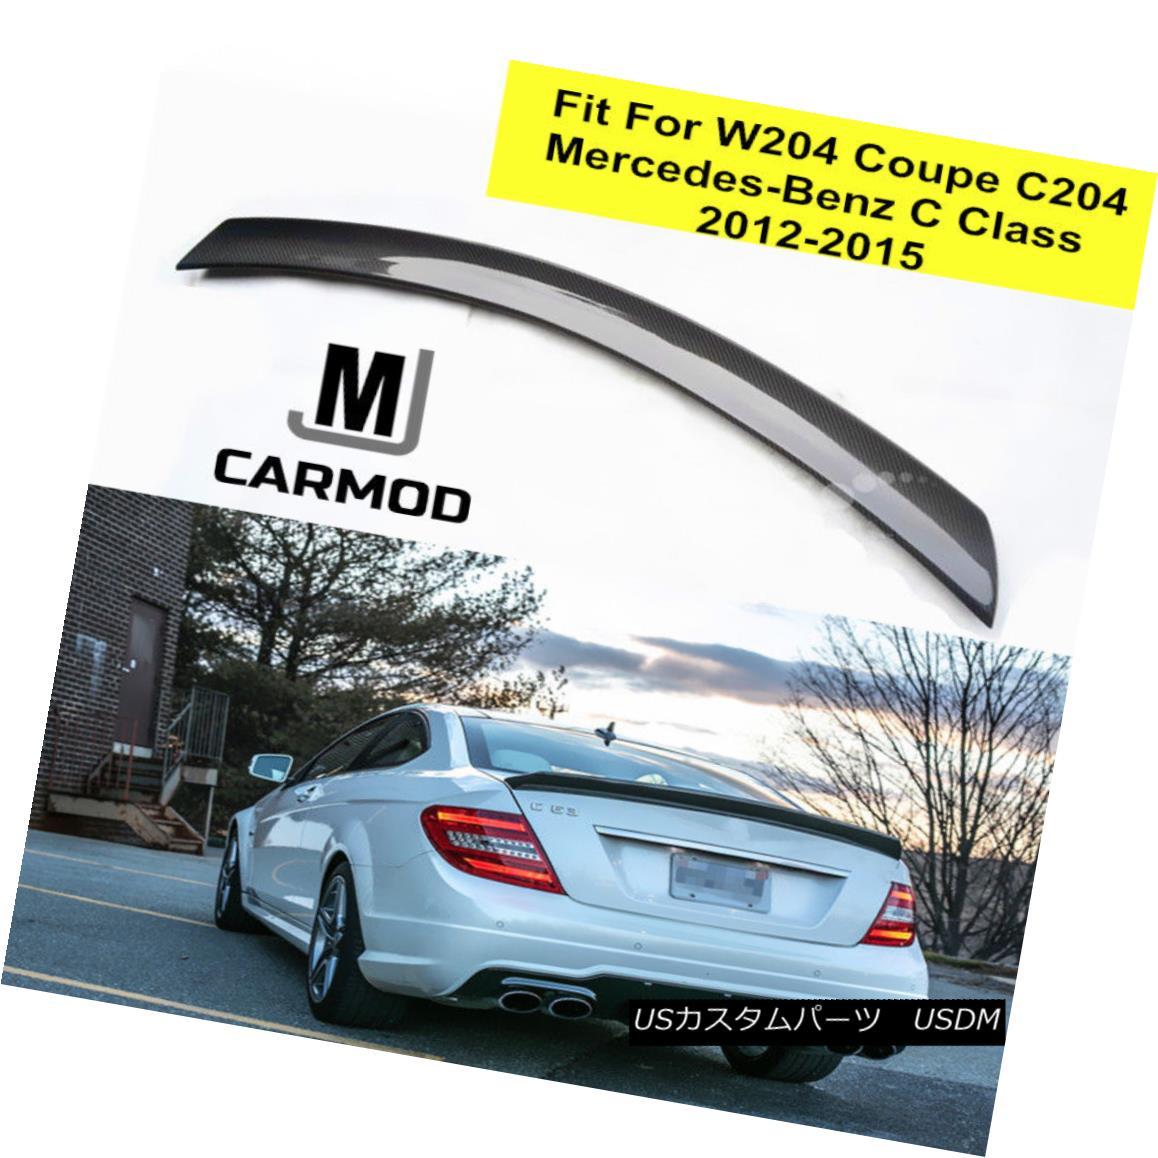 エアロパーツ Fit For Mercedes Benz C204 W204 Coupe V-Type Carbon Fiber Lip Trunk Spoiler メルセデスベンツC204 W204クーペV型炭素繊維リップトランク・スポイラー